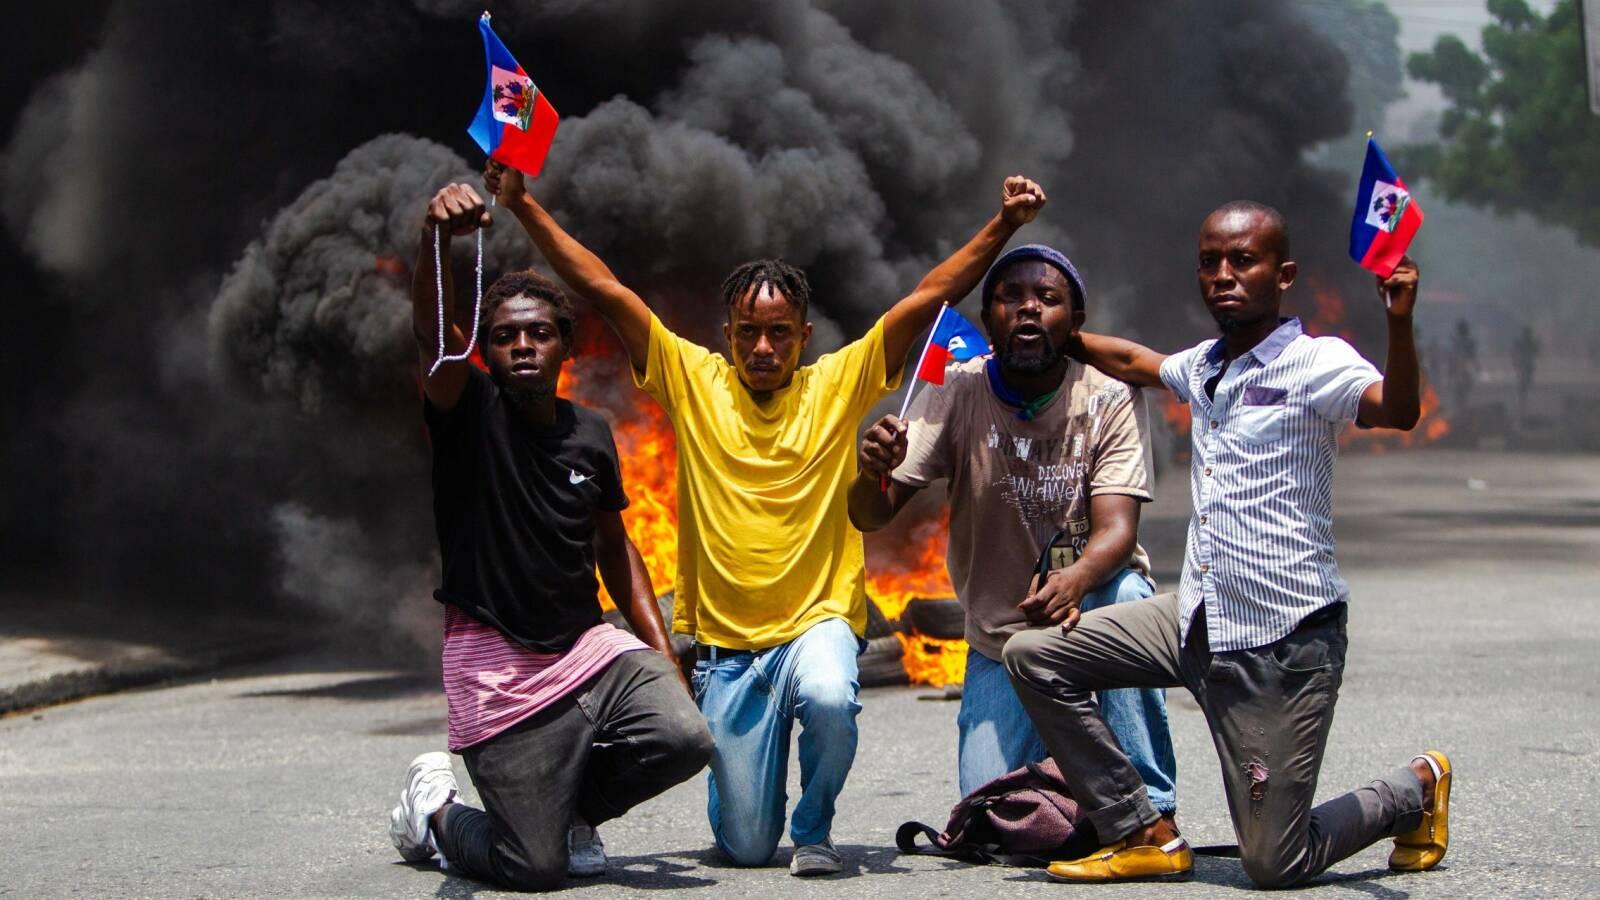 Haití: ¿qué ha pasado con el magnicidio del presidente Jovenel Moïse?